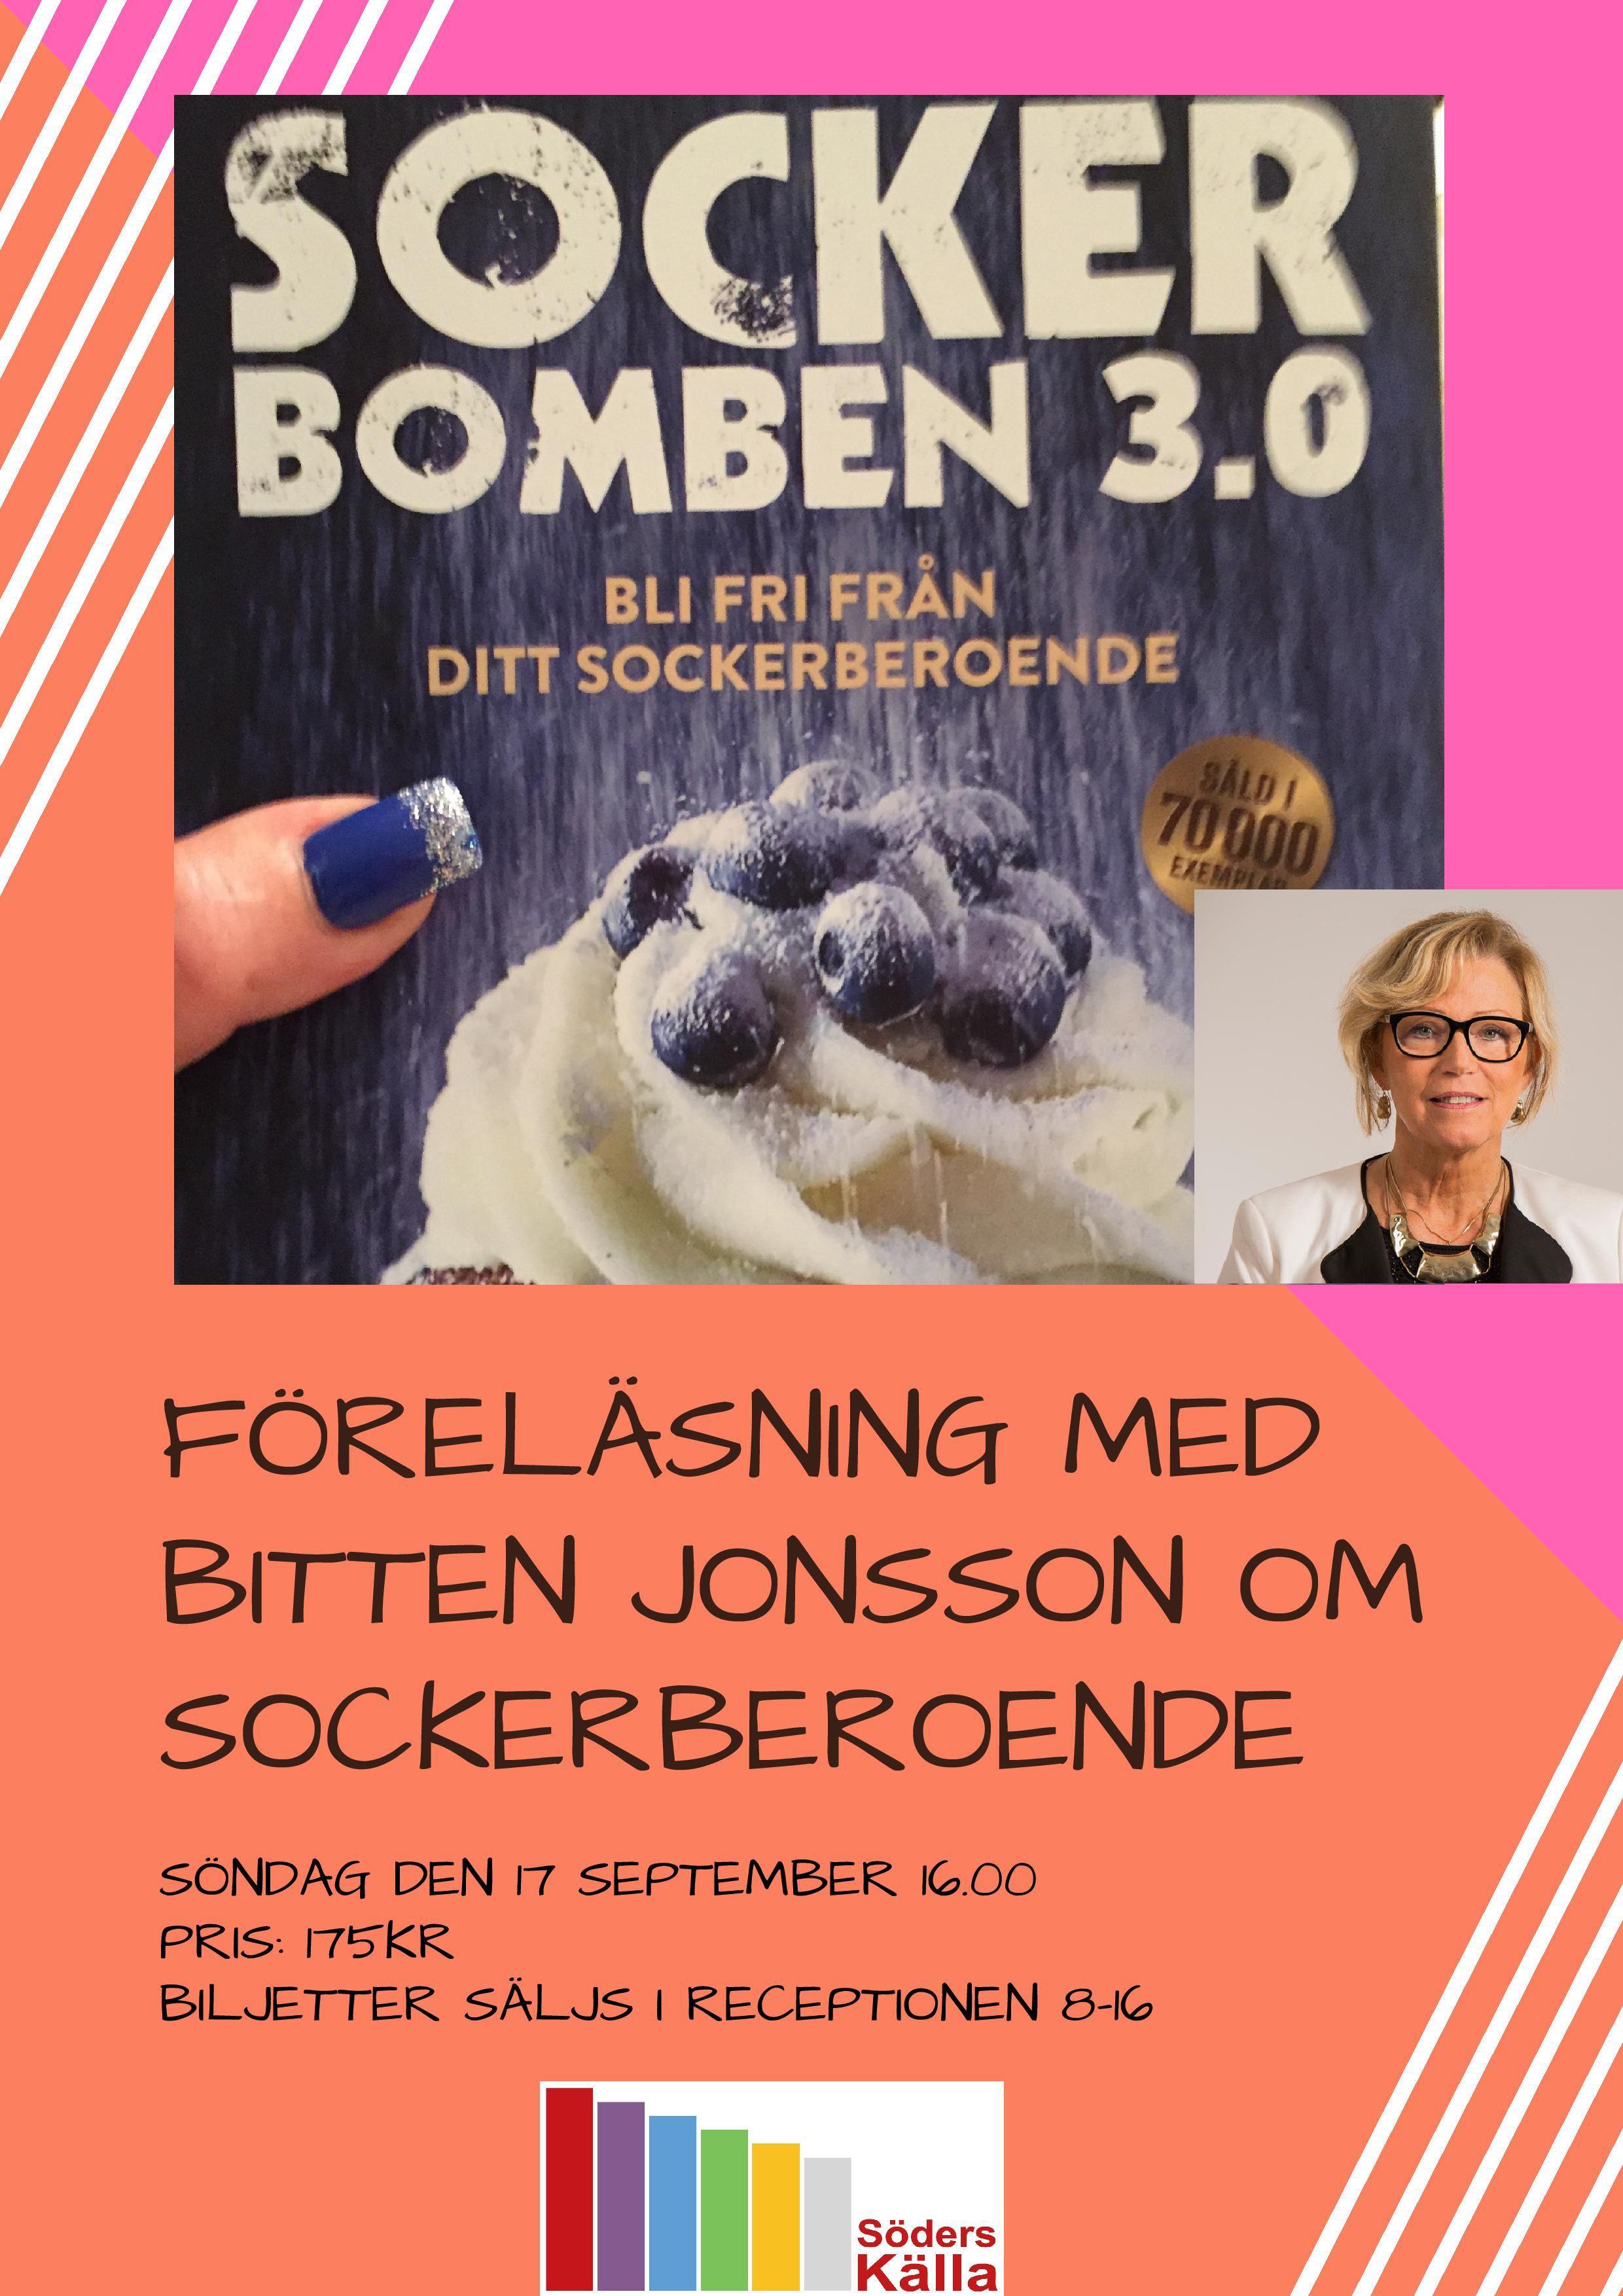 Bitten Jonsson, Föreläsning om sockerberoende med Bitten Jonsson